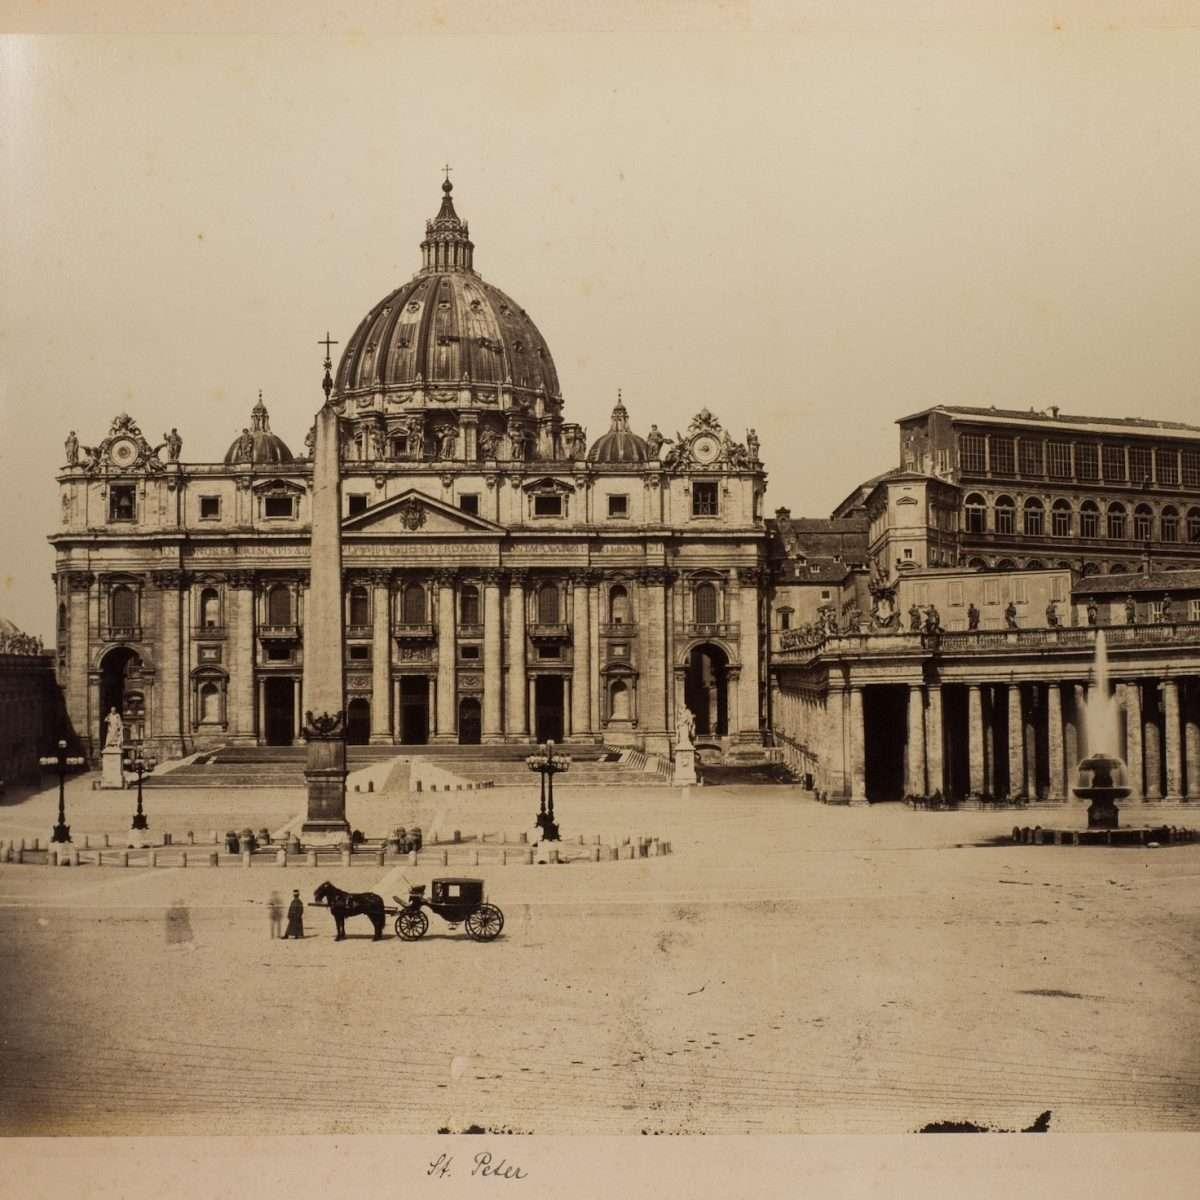 L-1090139 - San Pietro - Tommaso Cuccioni - 1860